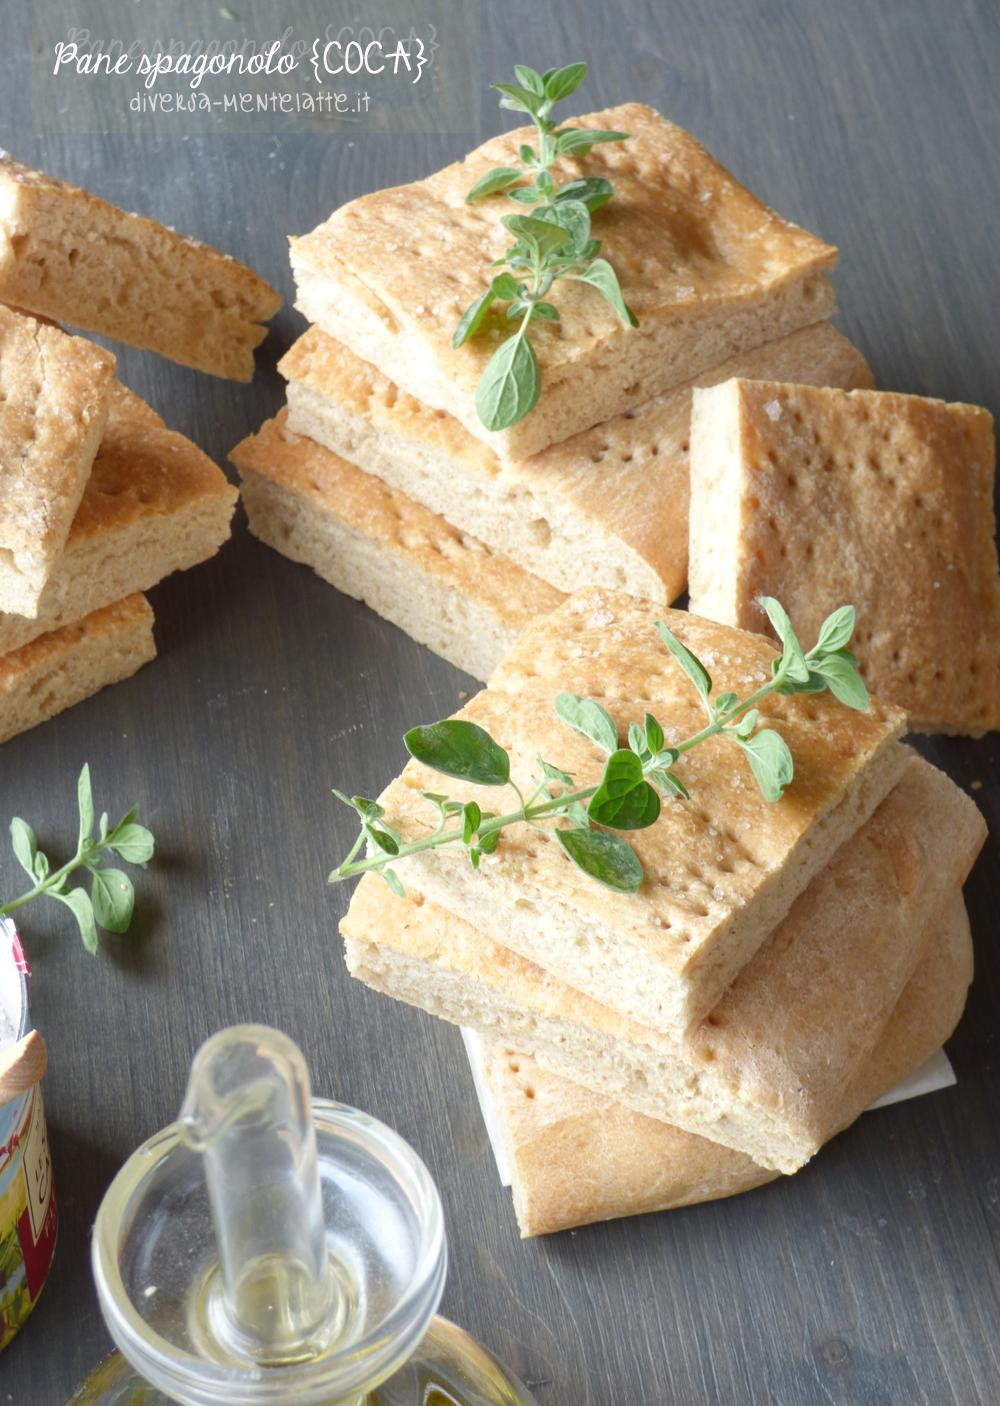 pane spagnolo senza lattosio